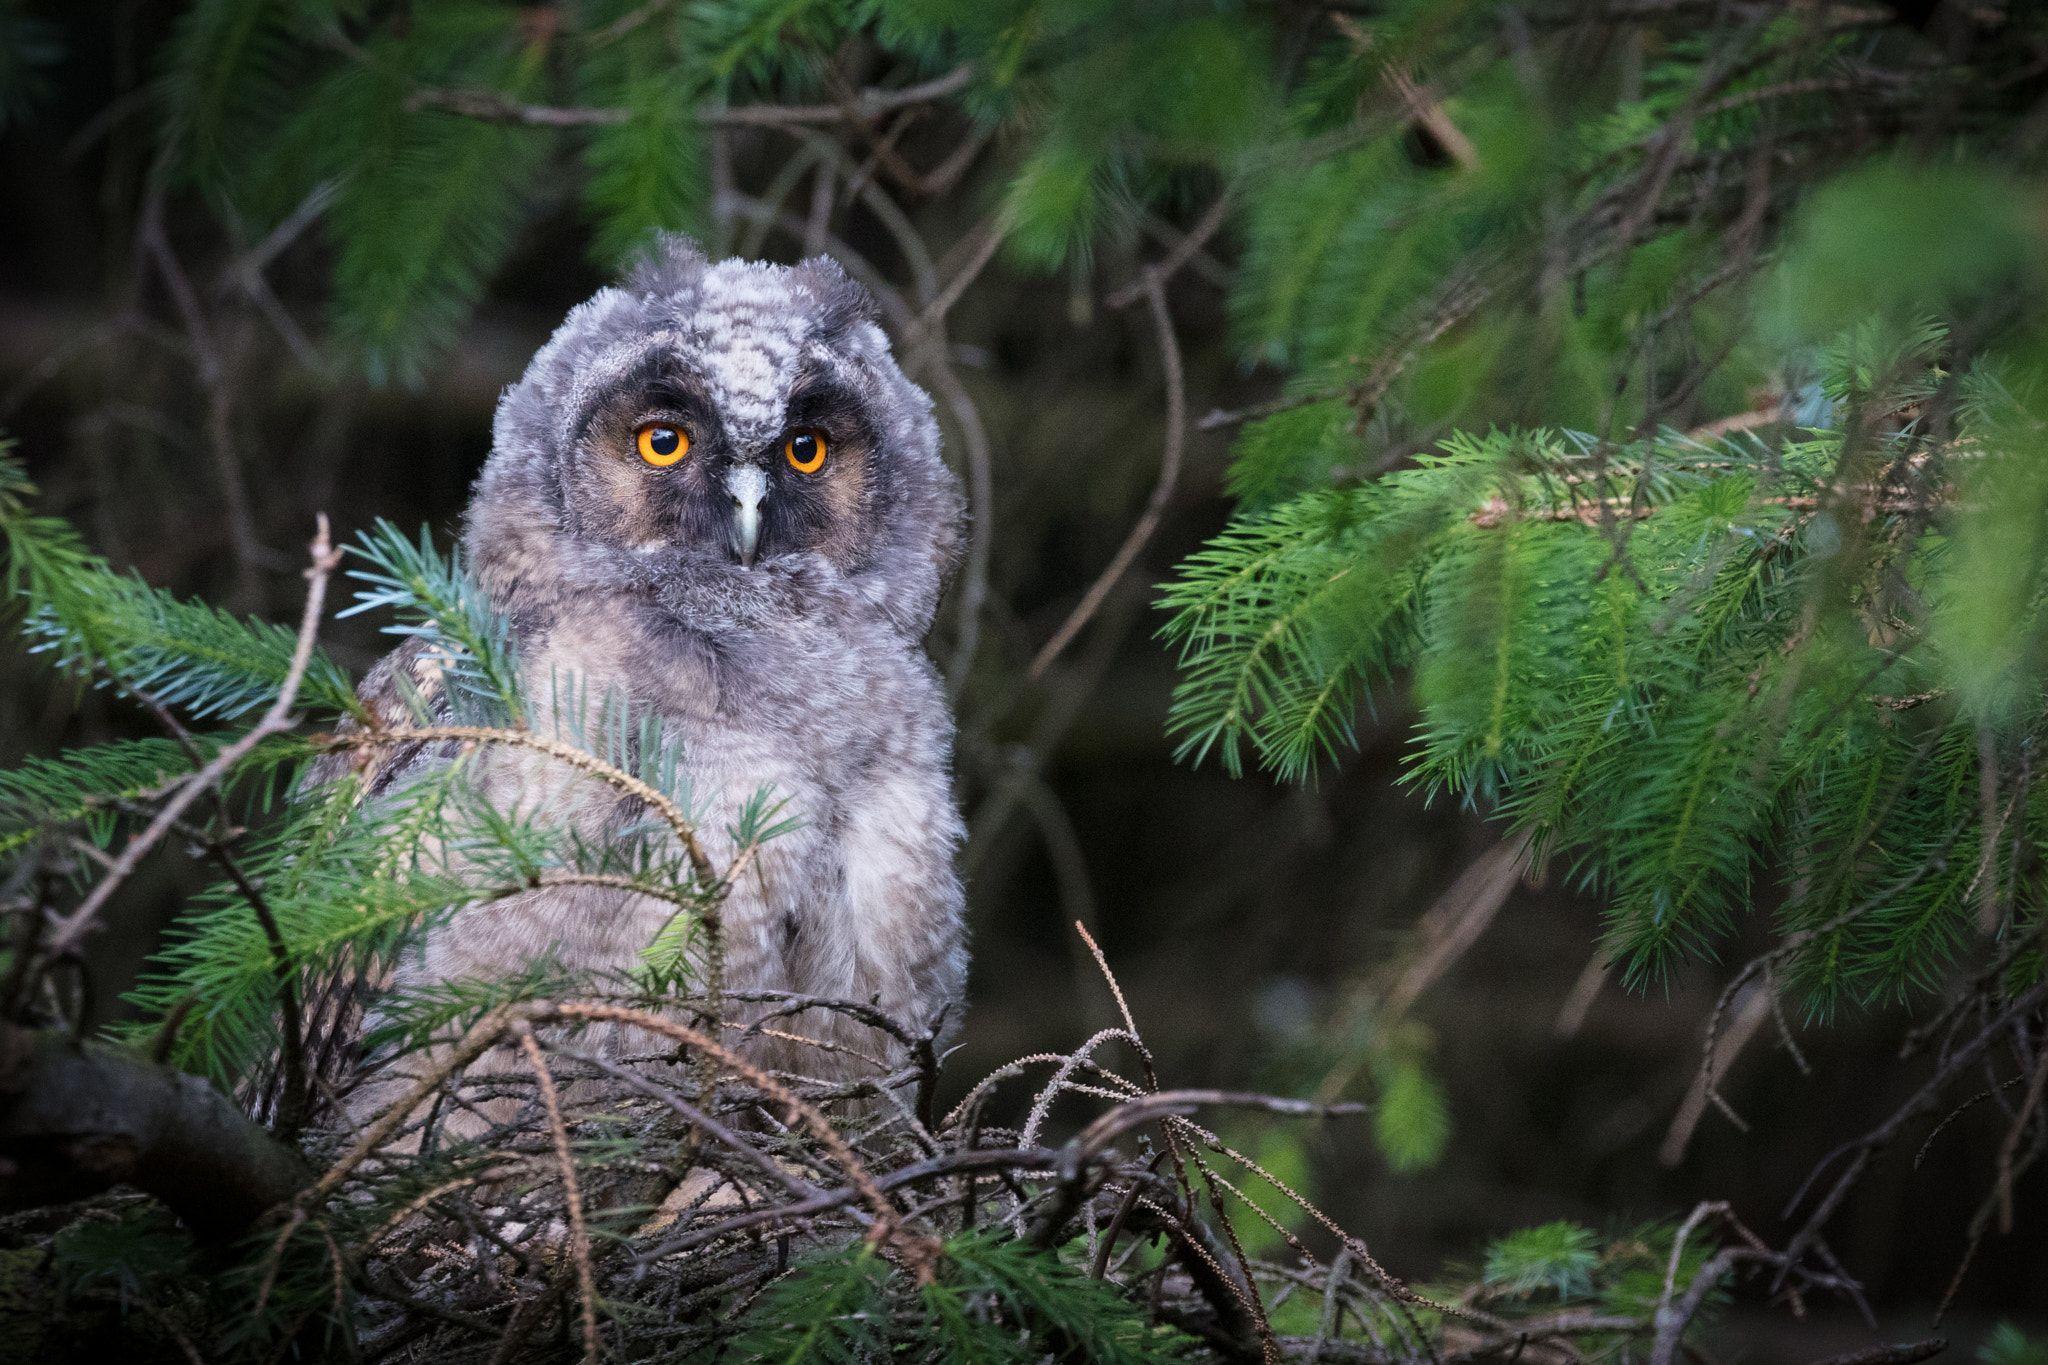 Long Eared Owlet By Dan Rooke